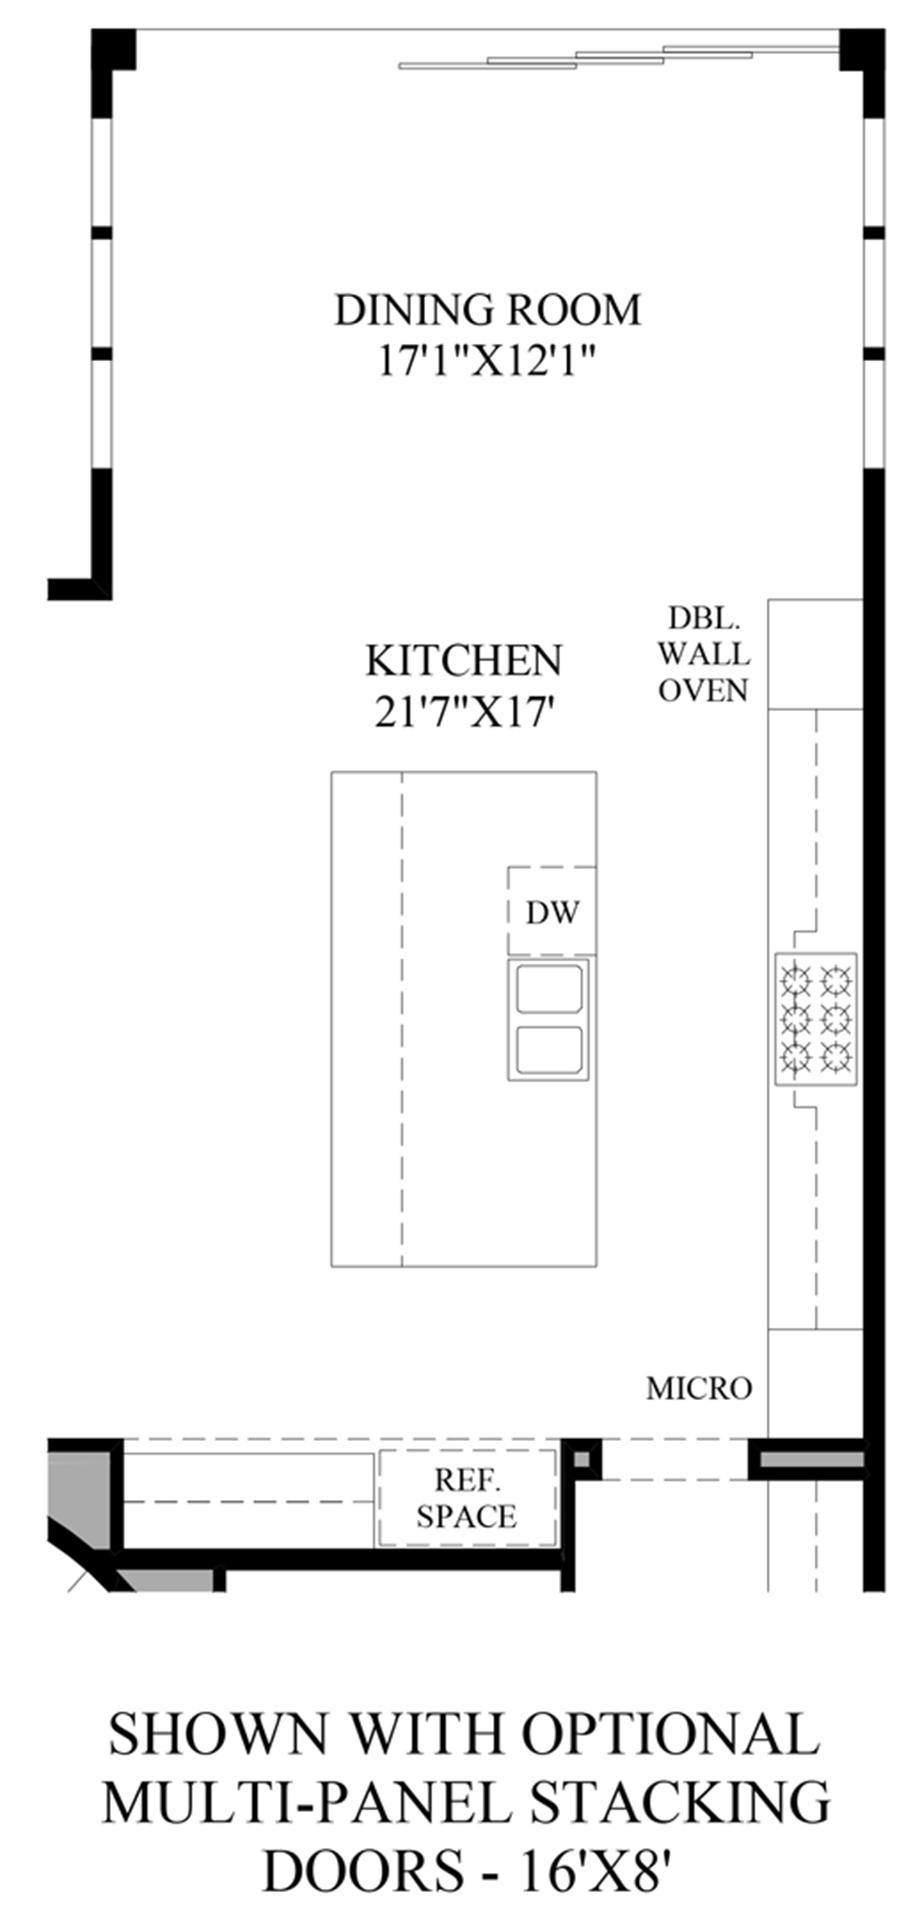 Optional Multi-Panel Stacking Doors Floor Plan